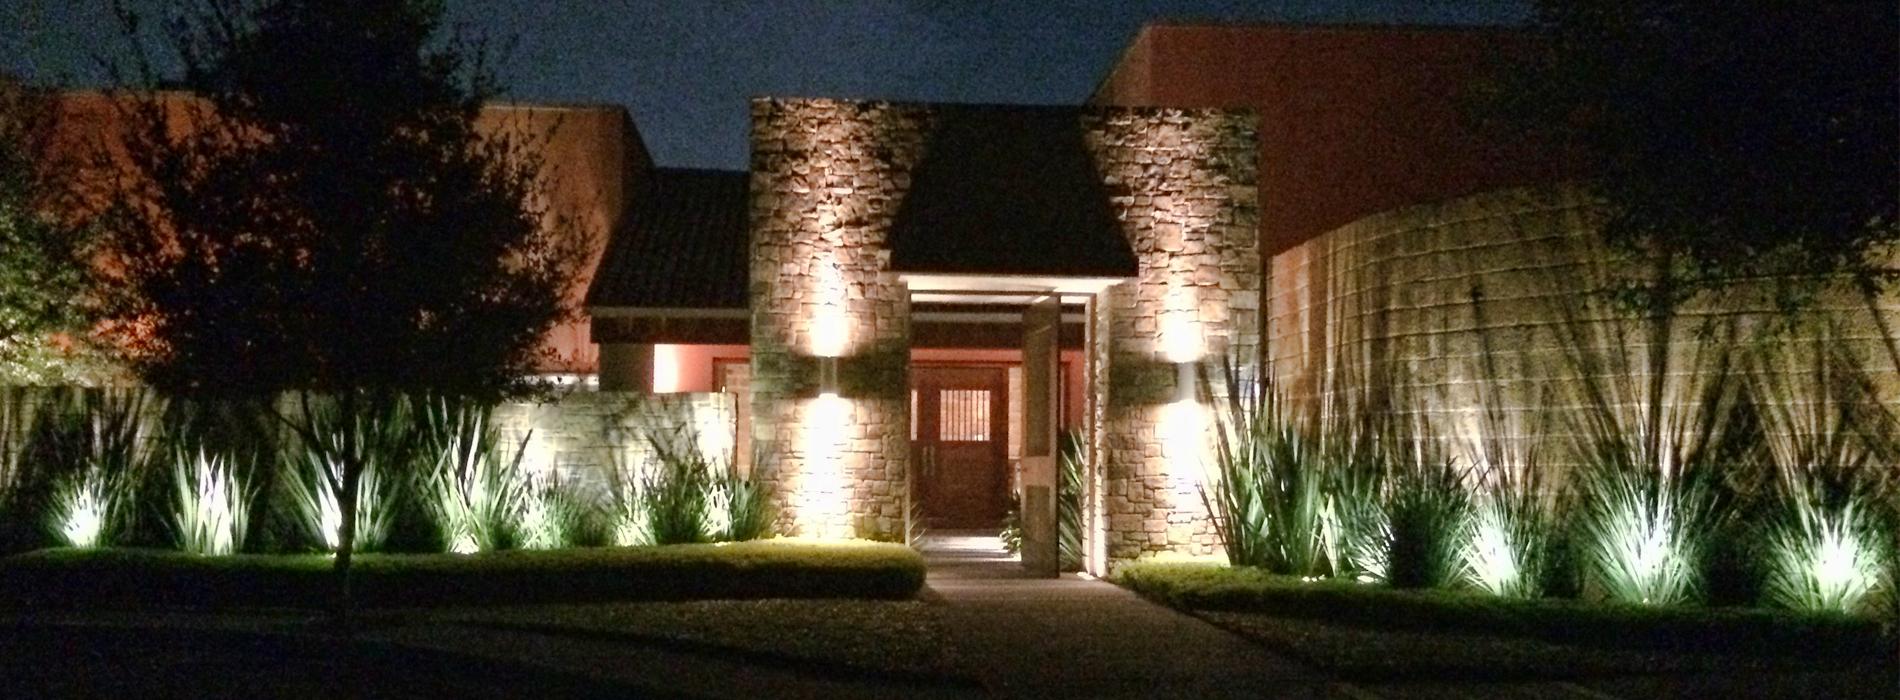 Lumipro focos para jardin iluminaci n de exterior - Luces de pared exterior ...